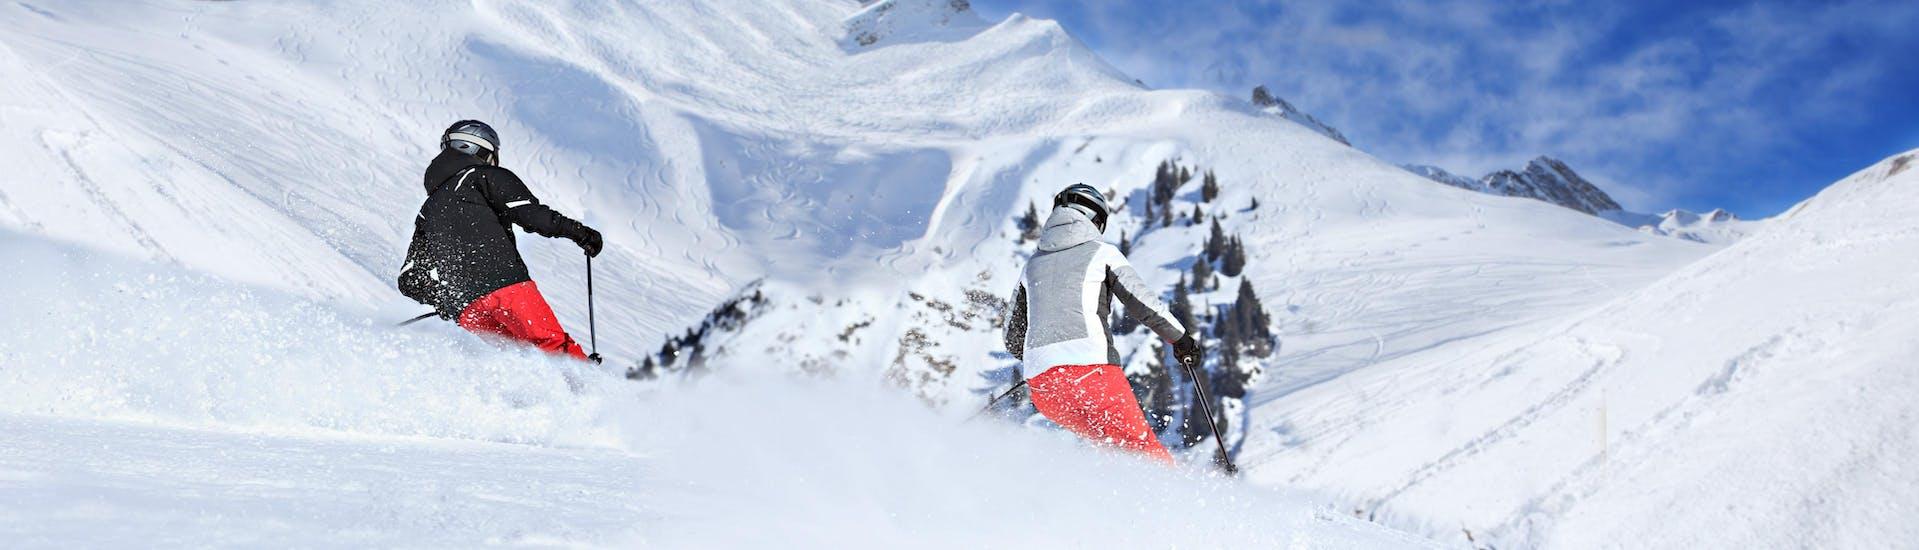 Vue sur le paysage ensoleillé lors d'un cours de ski avec une école de ski ddans la destination de ski Arlberg.